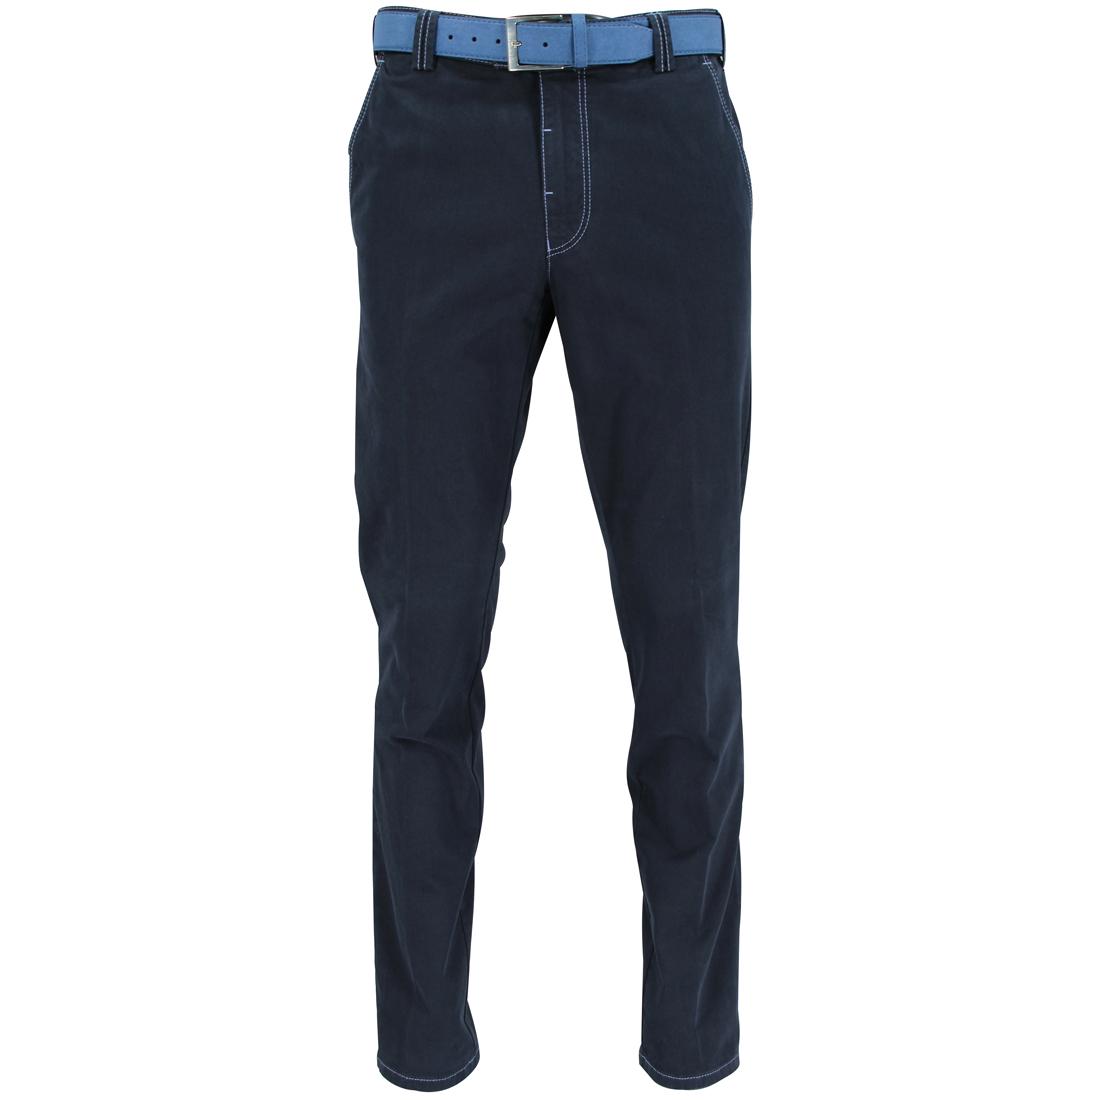 Meyer Hosen broeken 1241500100 in het Donker Blauw